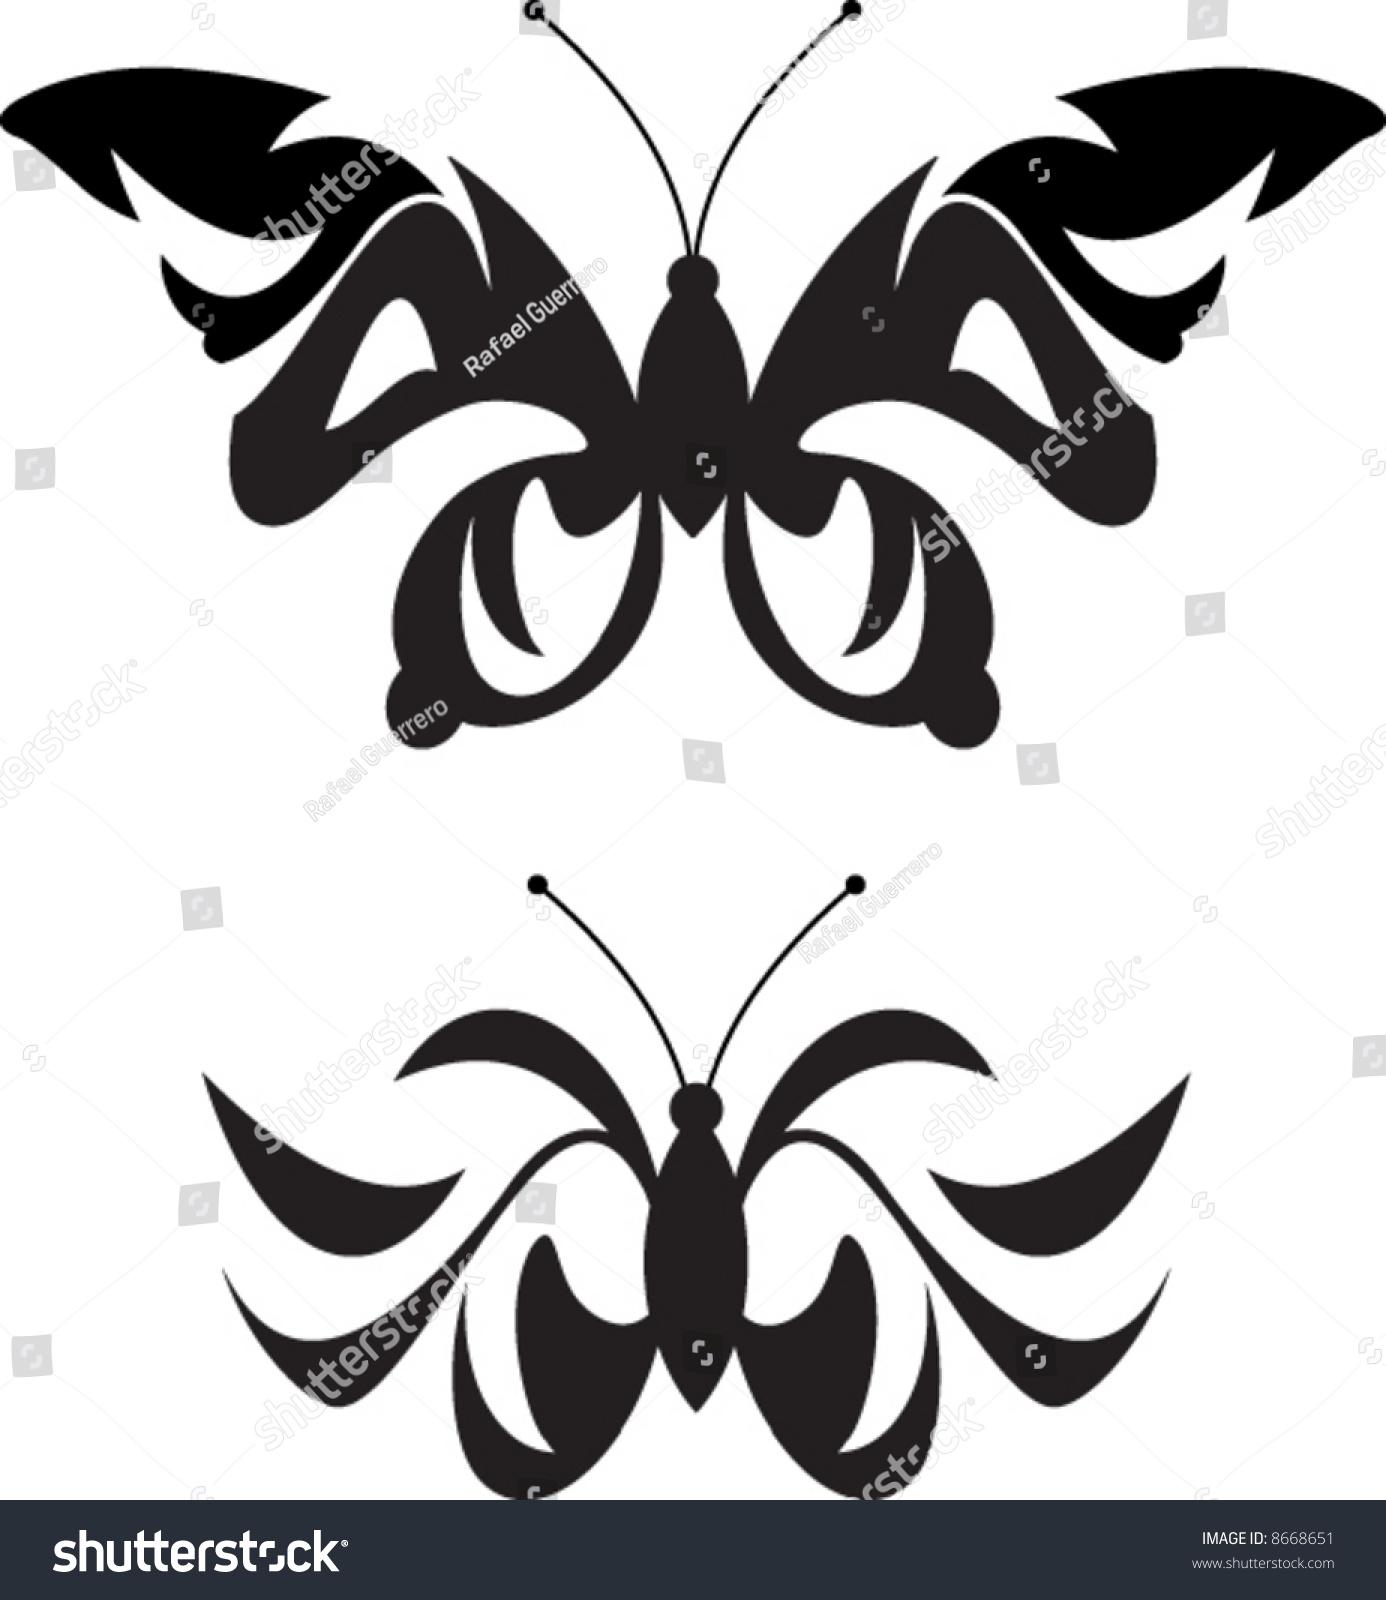 Mariposa Vector de stock (libre de regalías)8668651; Shutterstock